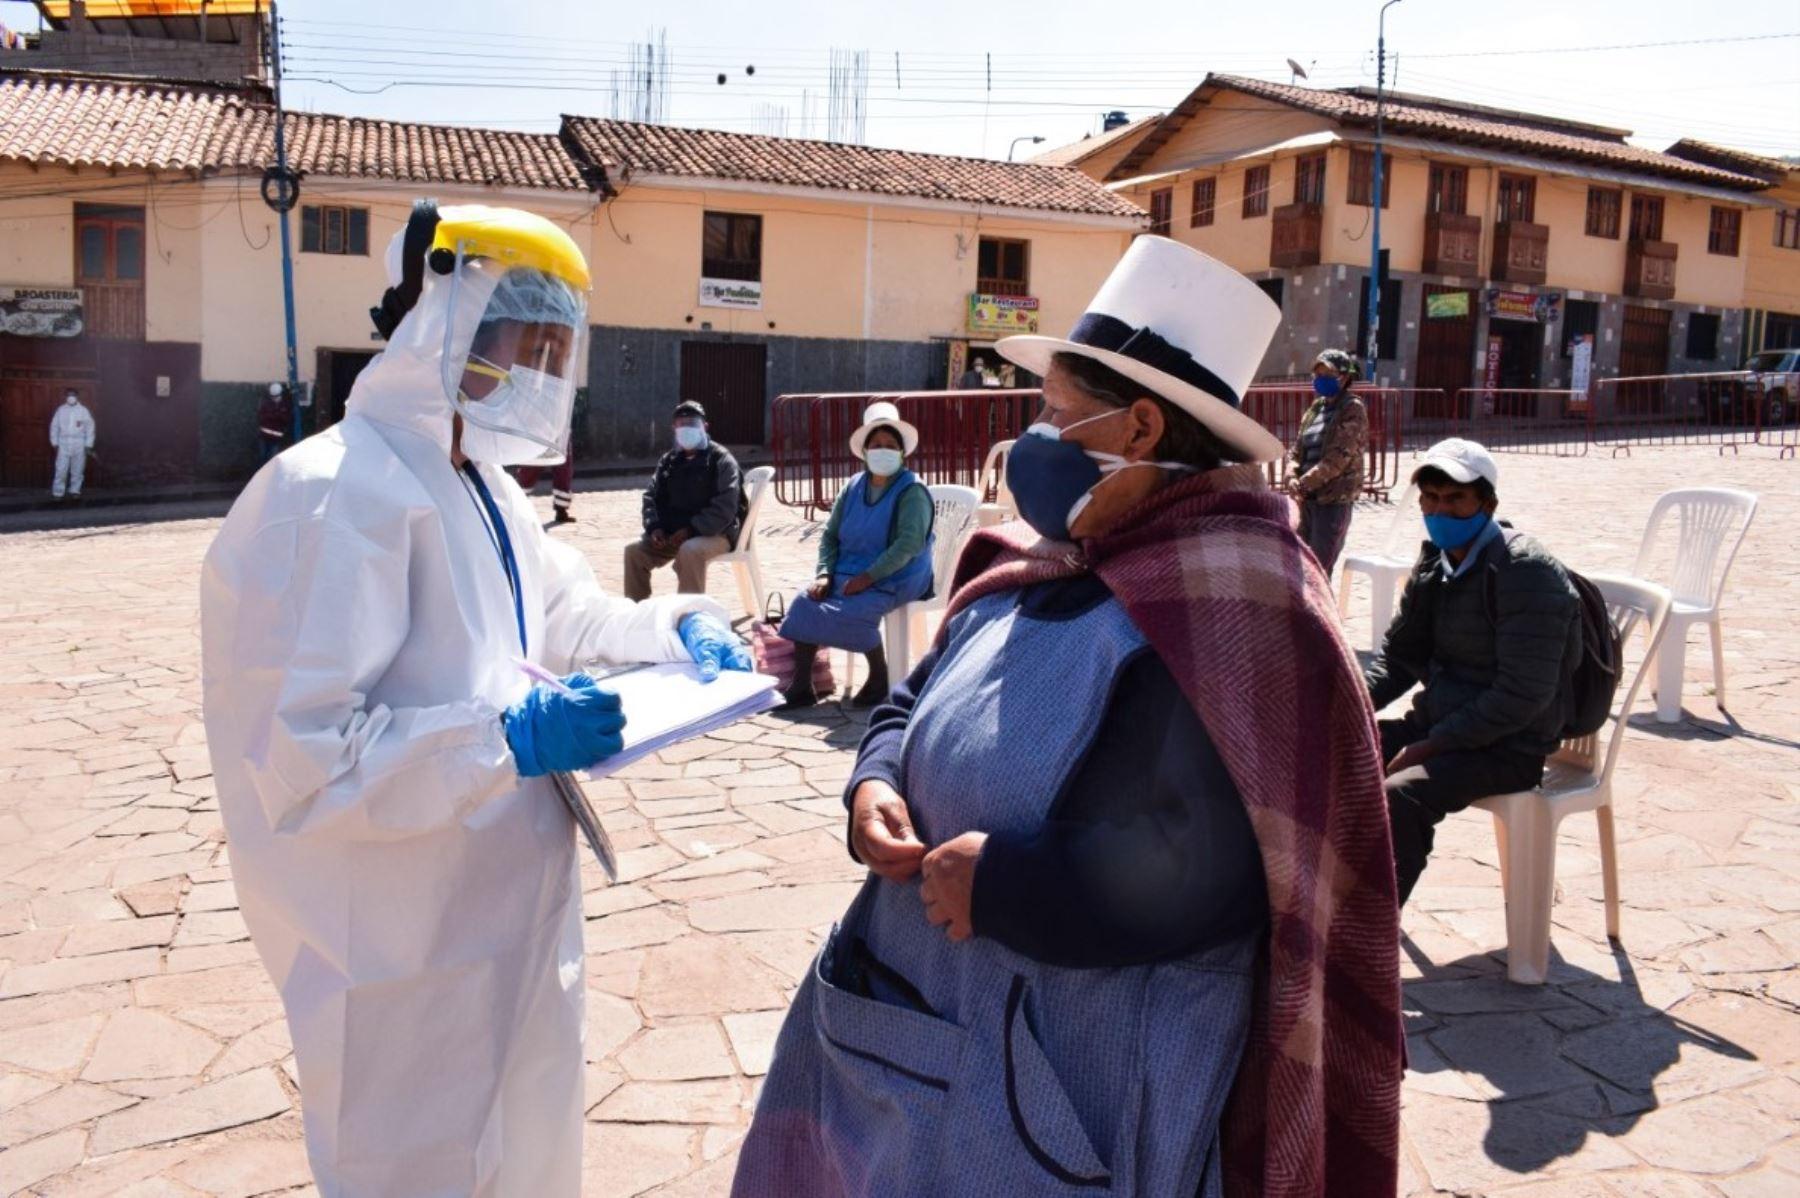 ACusco reforzará medidas para frenar el avance del coronavirus en la región y estará acorde con lo dispuesto por el Ejecutivo, afirmó el gobernador Jean Paul Benavente. ANDINA/Difusión